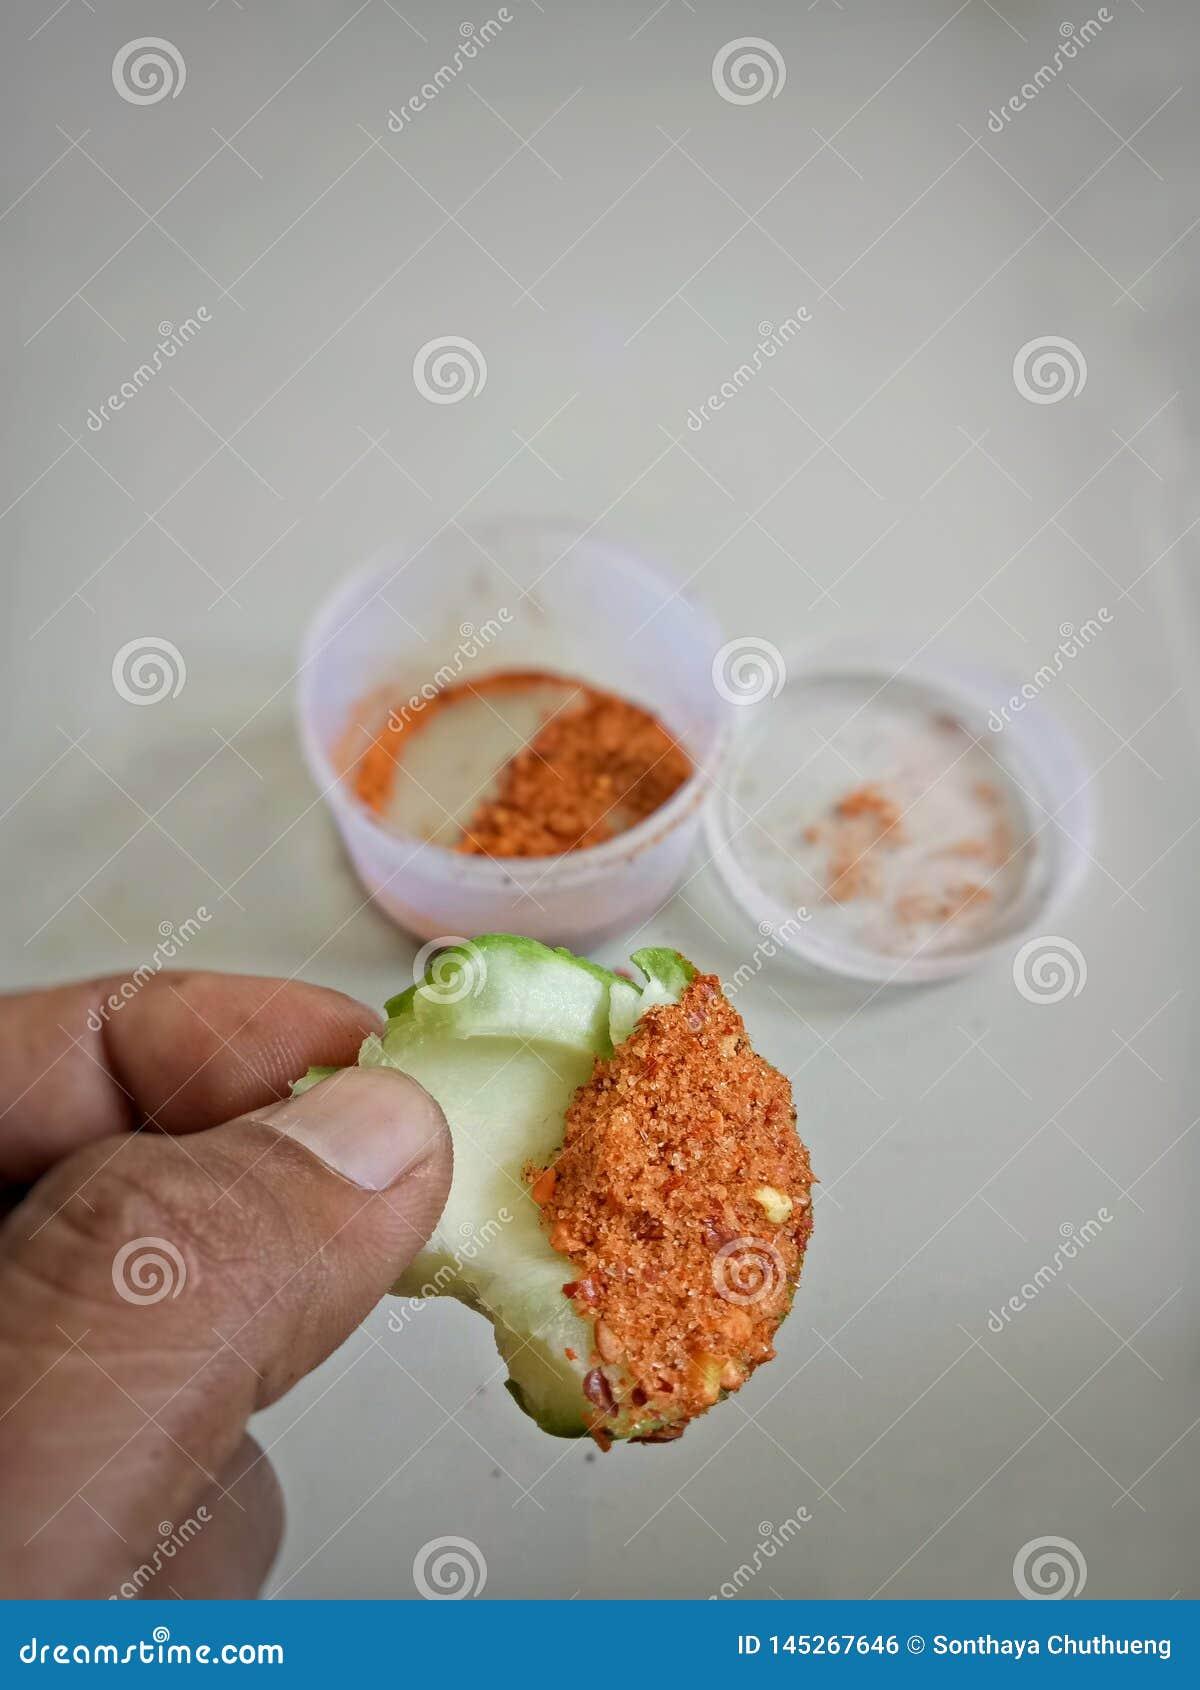 Inmersi?n del mango con pimienta y sal